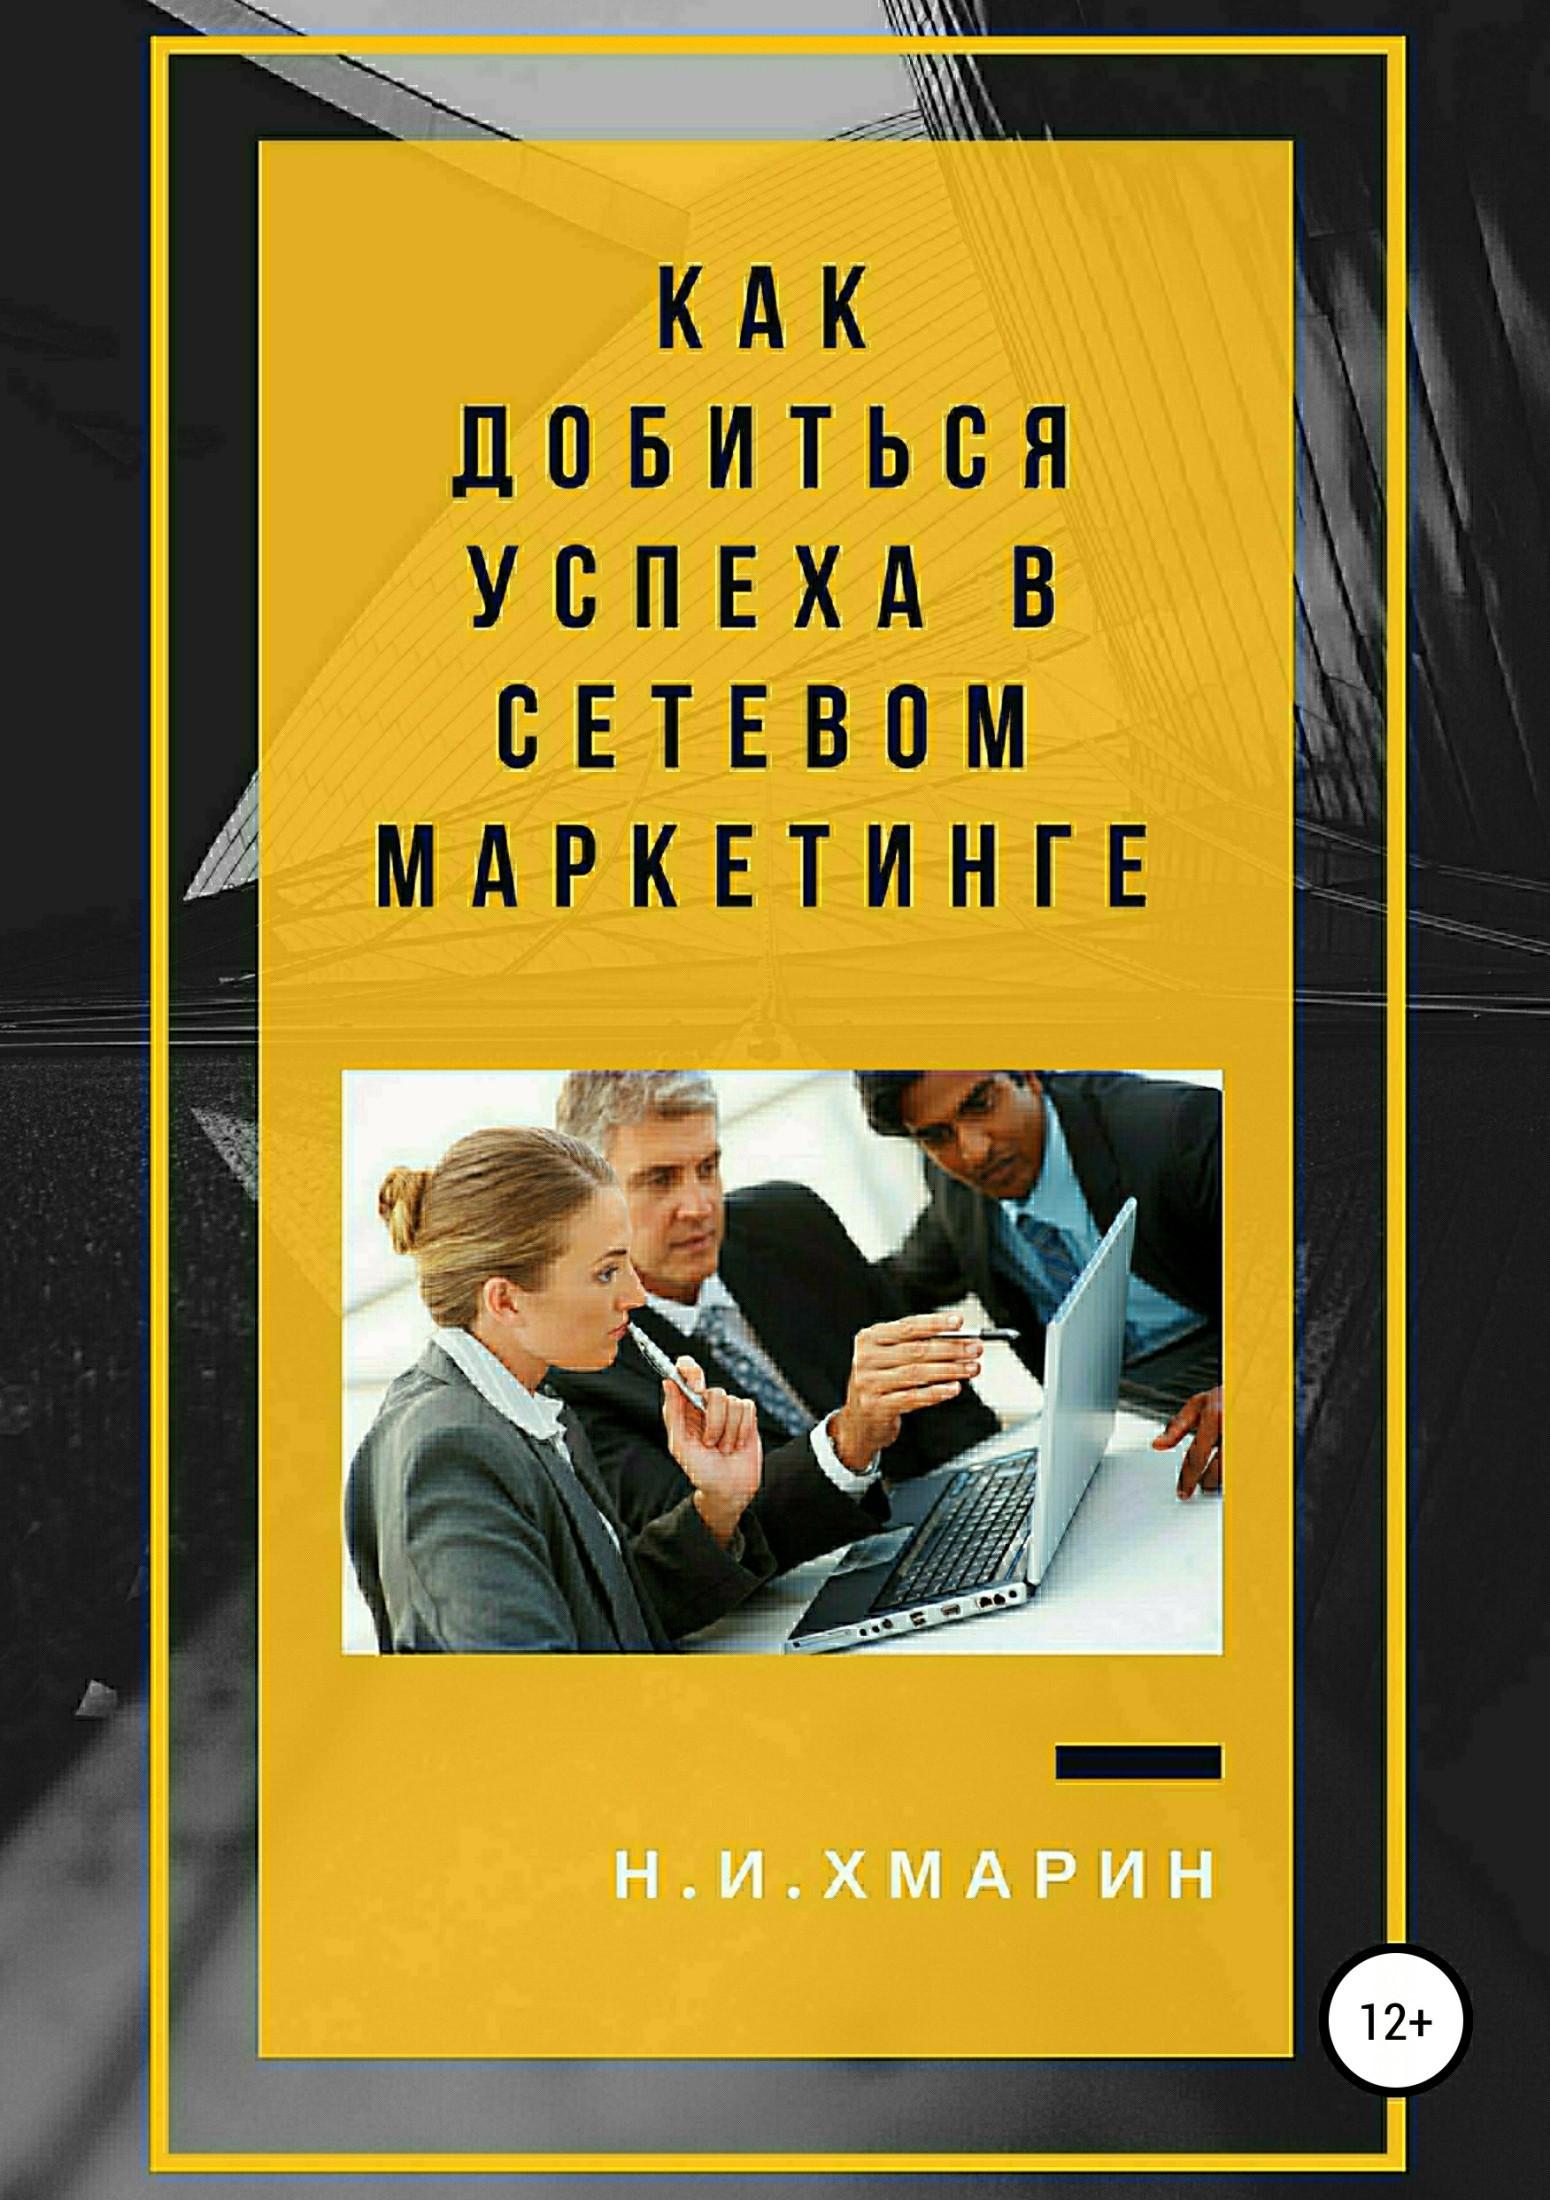 Обложка книги Как добиться успеха в сетевом маркетинге